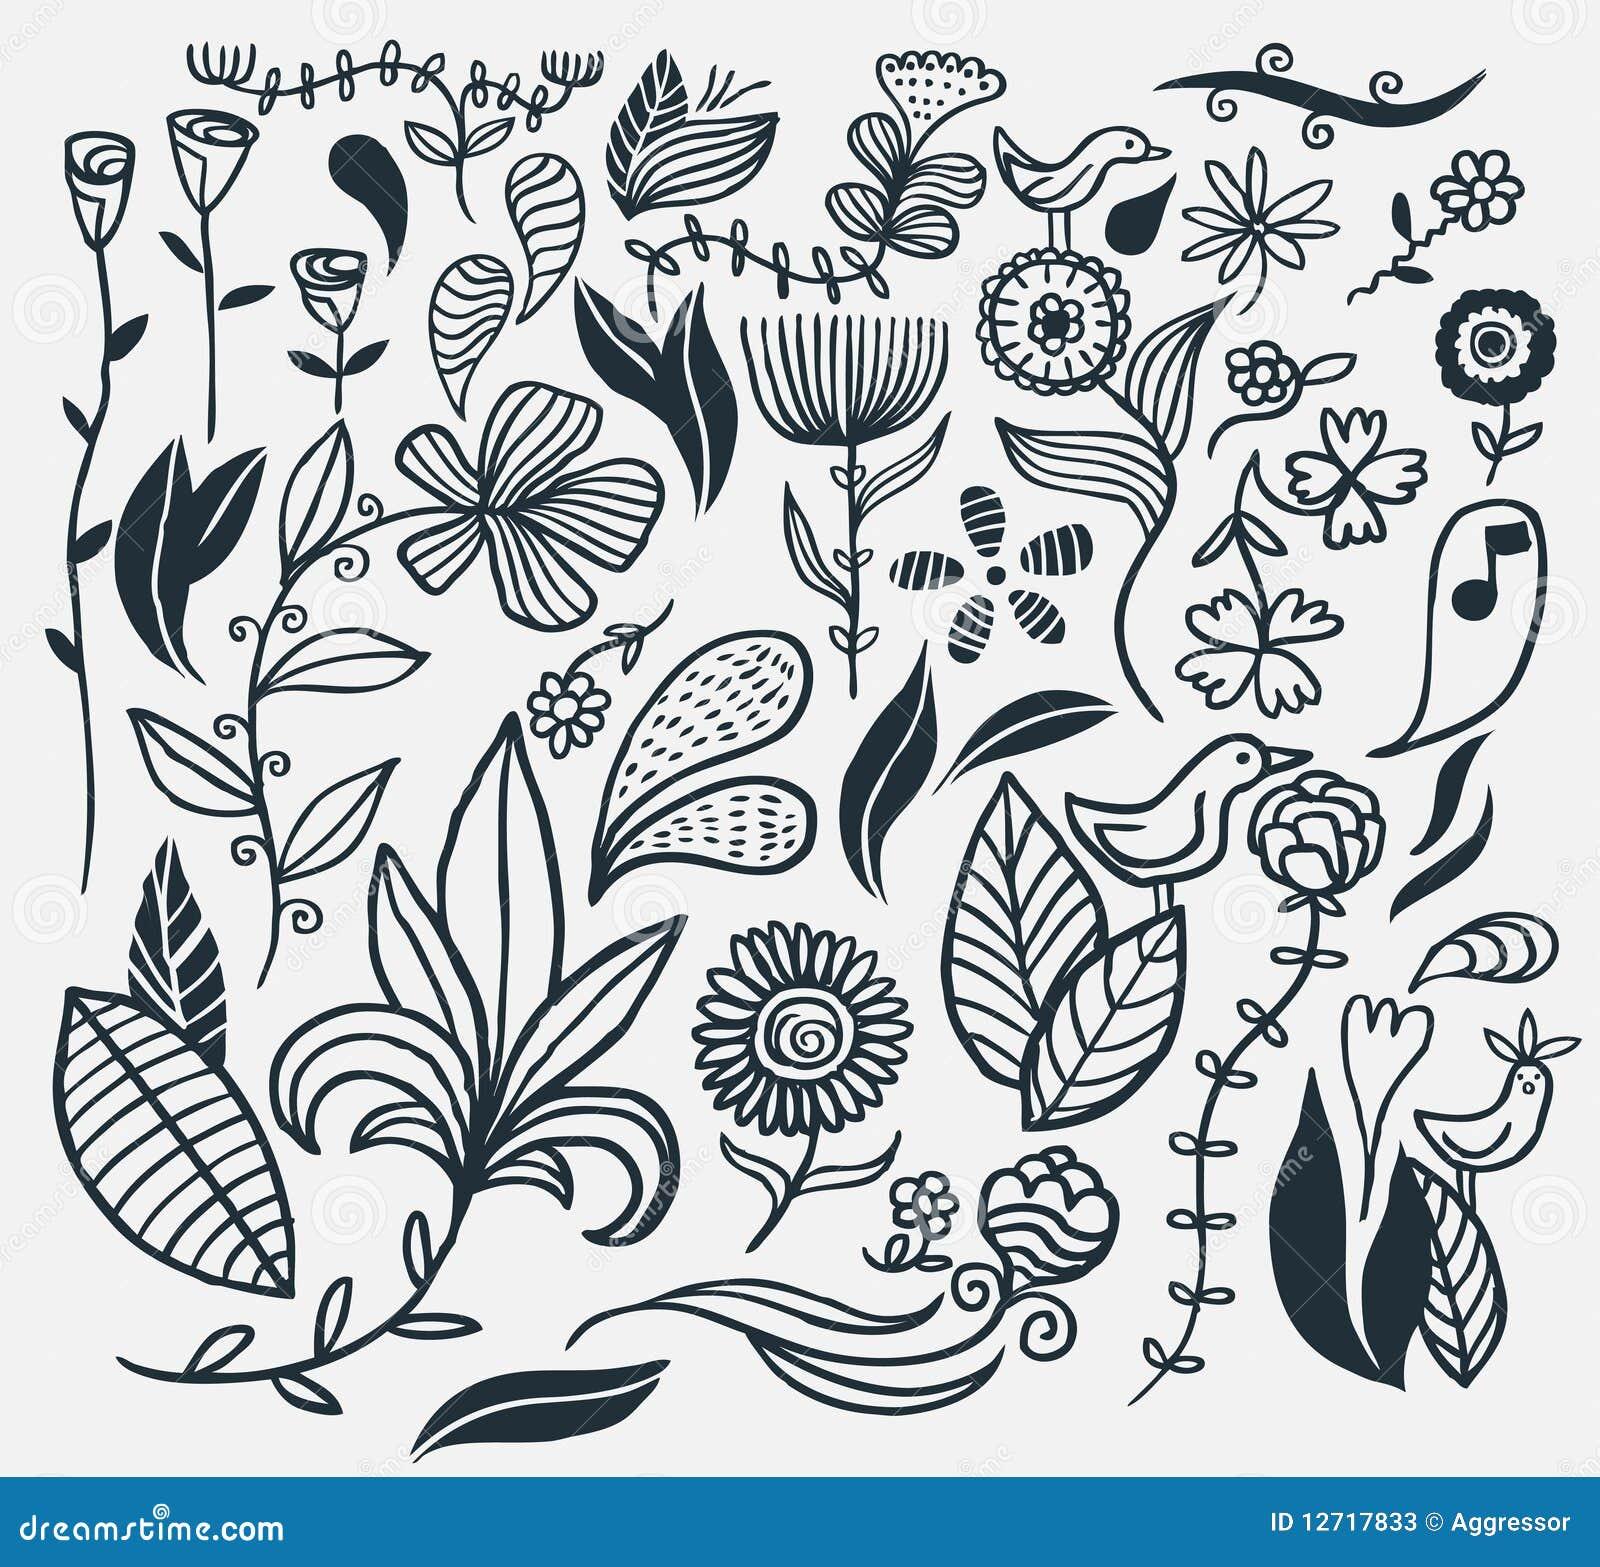 Fiori disegnati a mano fotografie stock immagine 12717833 for Fiori disegnati